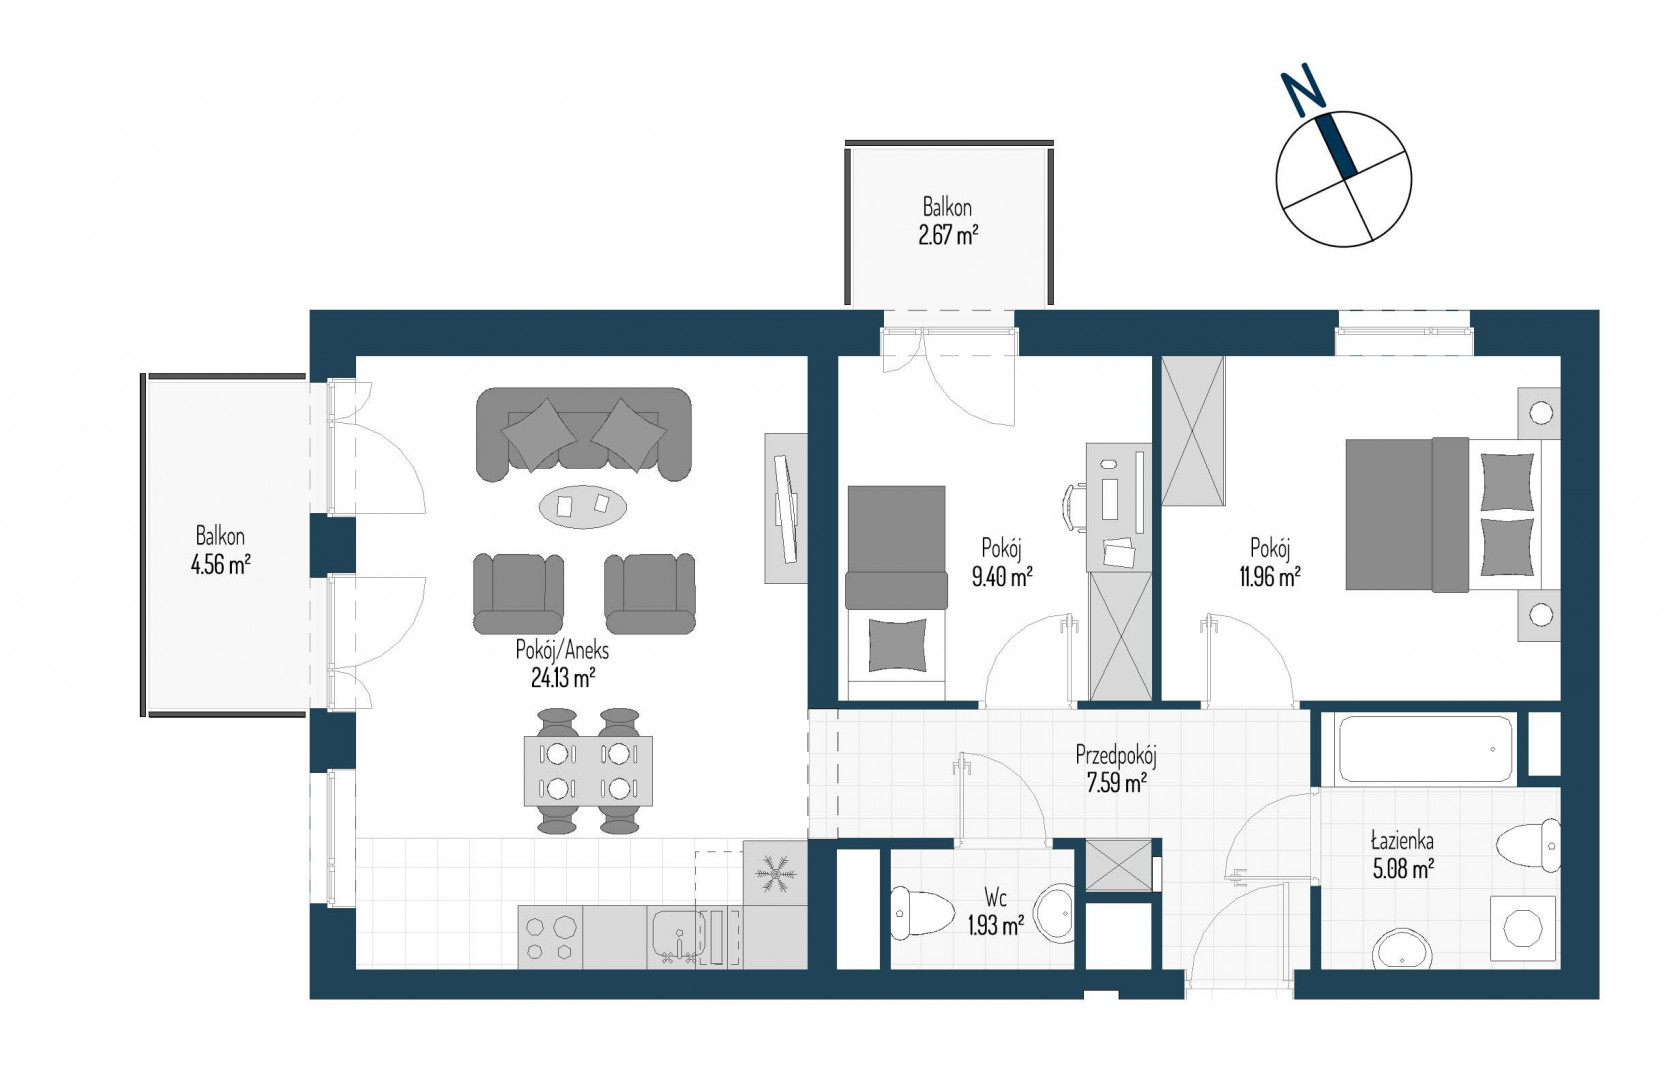 Zdrowe Stylove / budynek 1 / mieszkanie nr M24 rzut 1